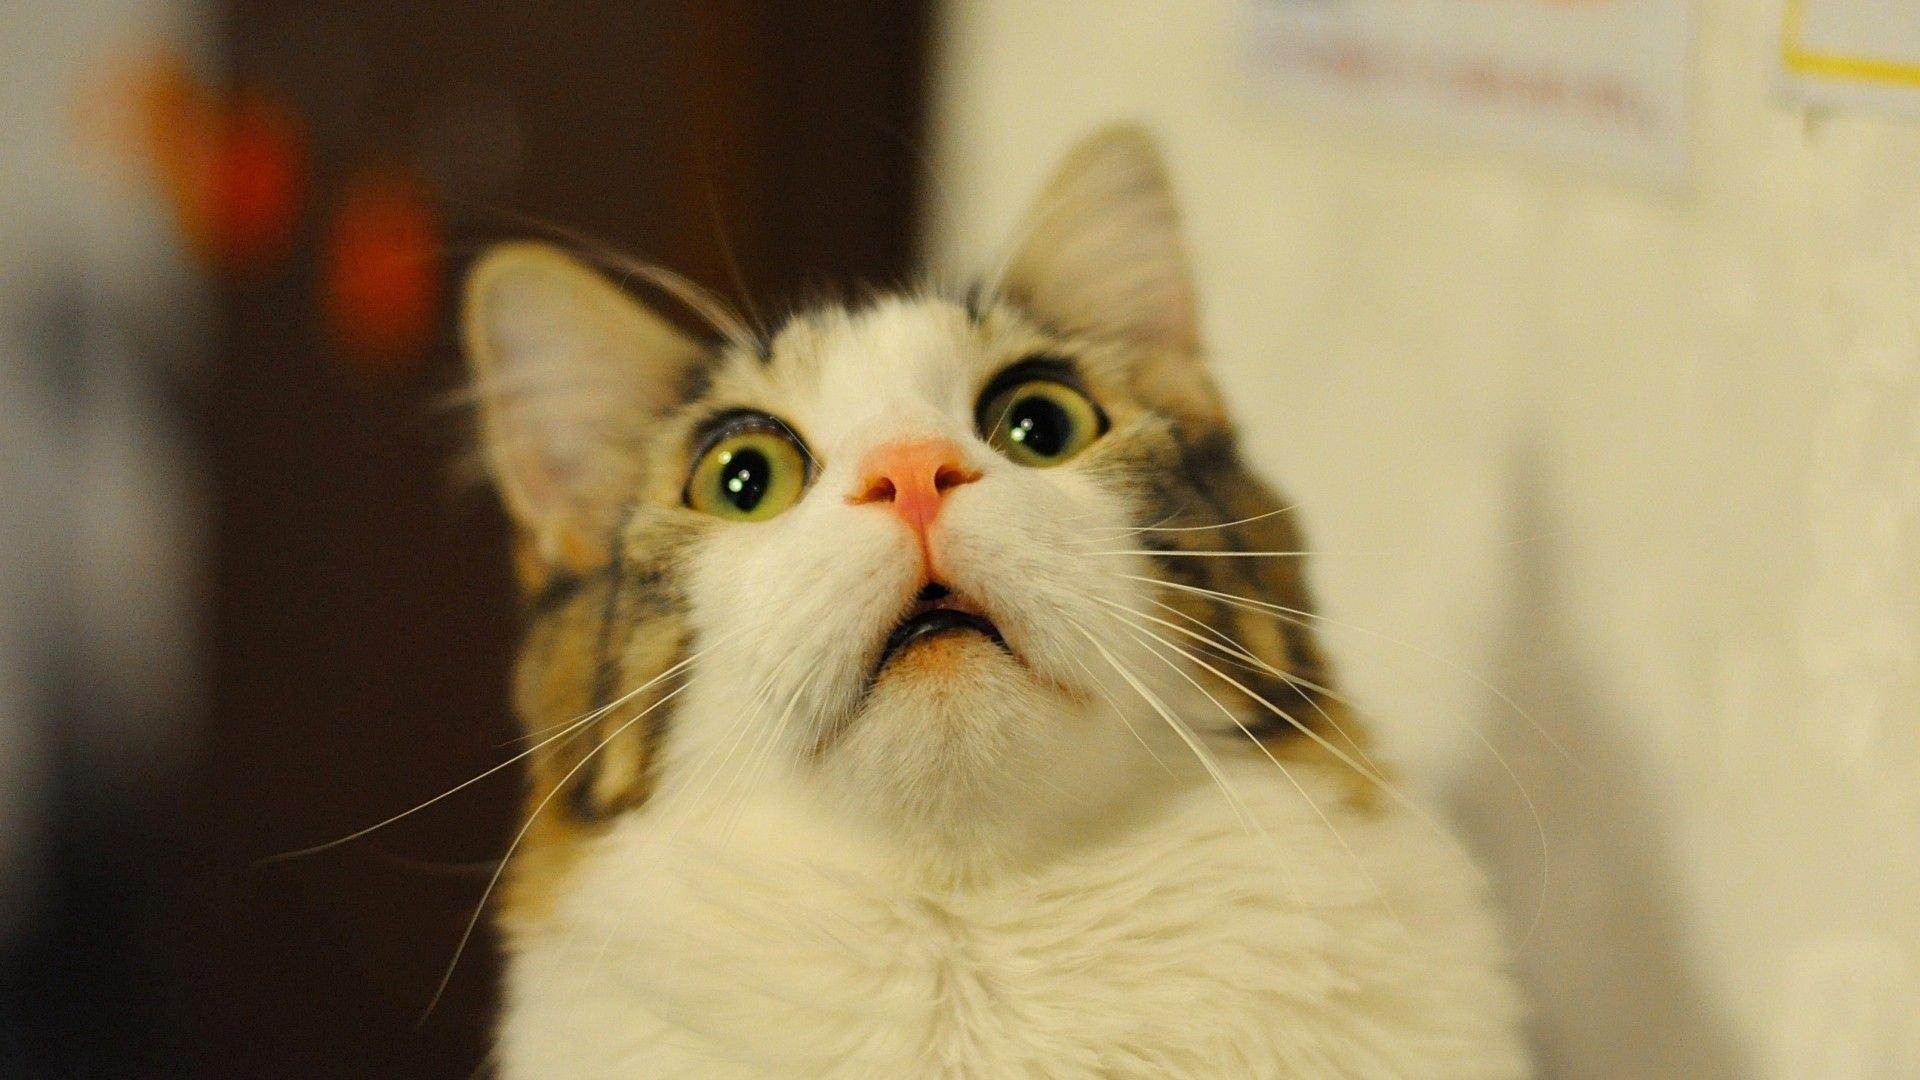 cat 1 jpg compressor.jpg?resize=412,232 - 13 curiosidades que você não fazia ideia sobre os gatos